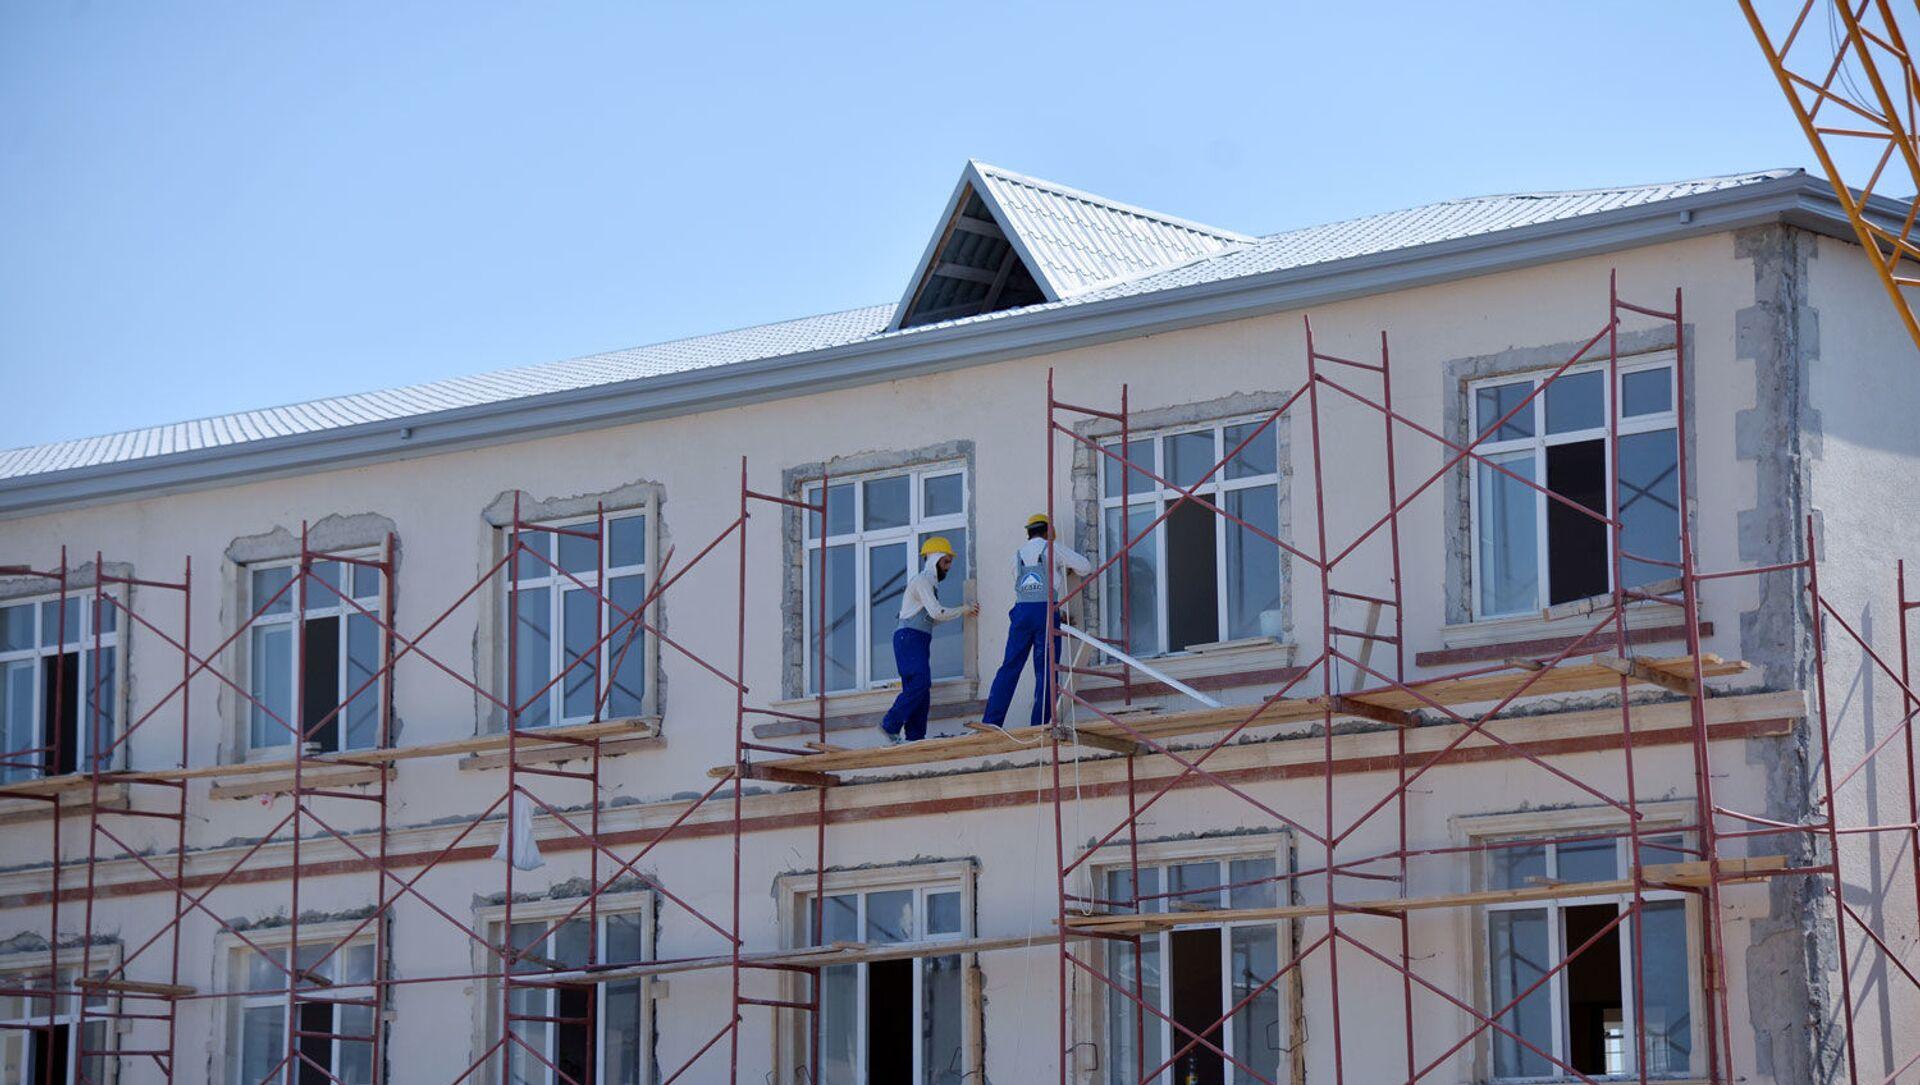 Ремонтно-строительные работы в одной из школ - Sputnik Азербайджан, 1920, 01.04.2021